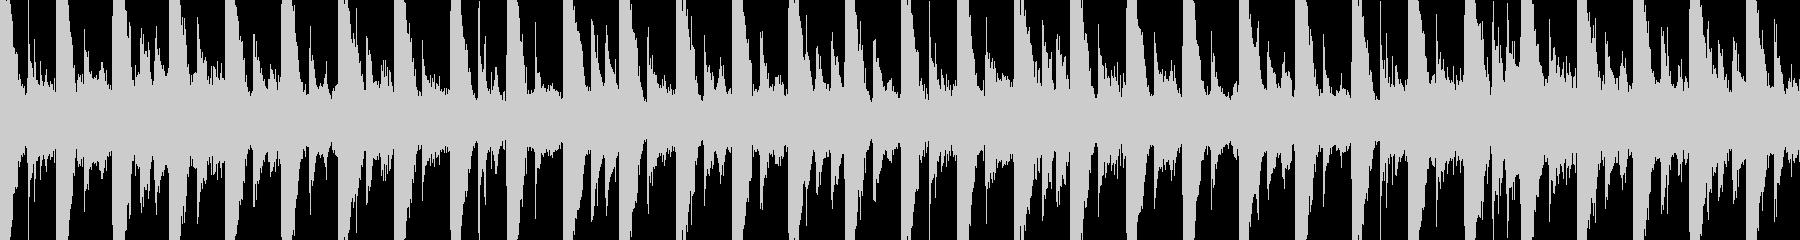 短いループのリザルト風ジングルの未再生の波形